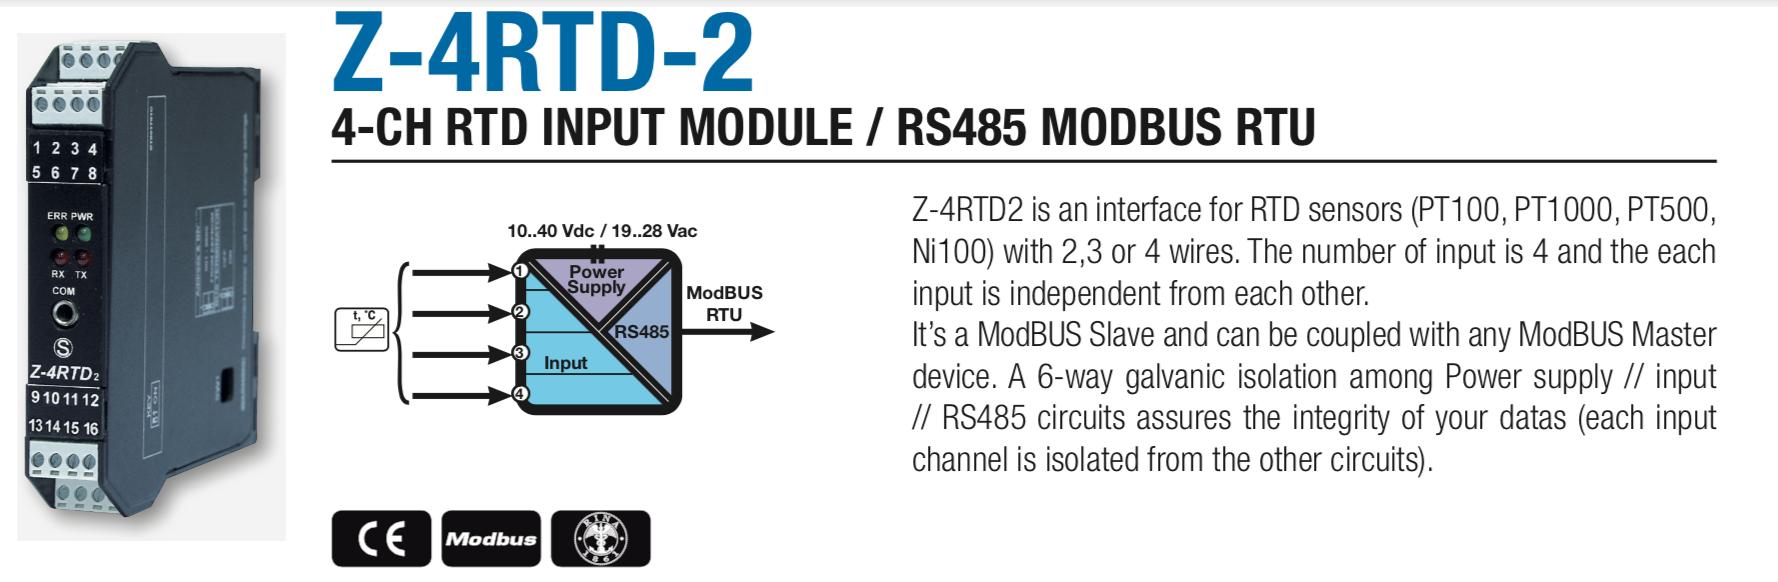 Các Bộ Chuyển Đổi Modbus RTU RS485 Thường Dùng - Dòng Z-4RTD2